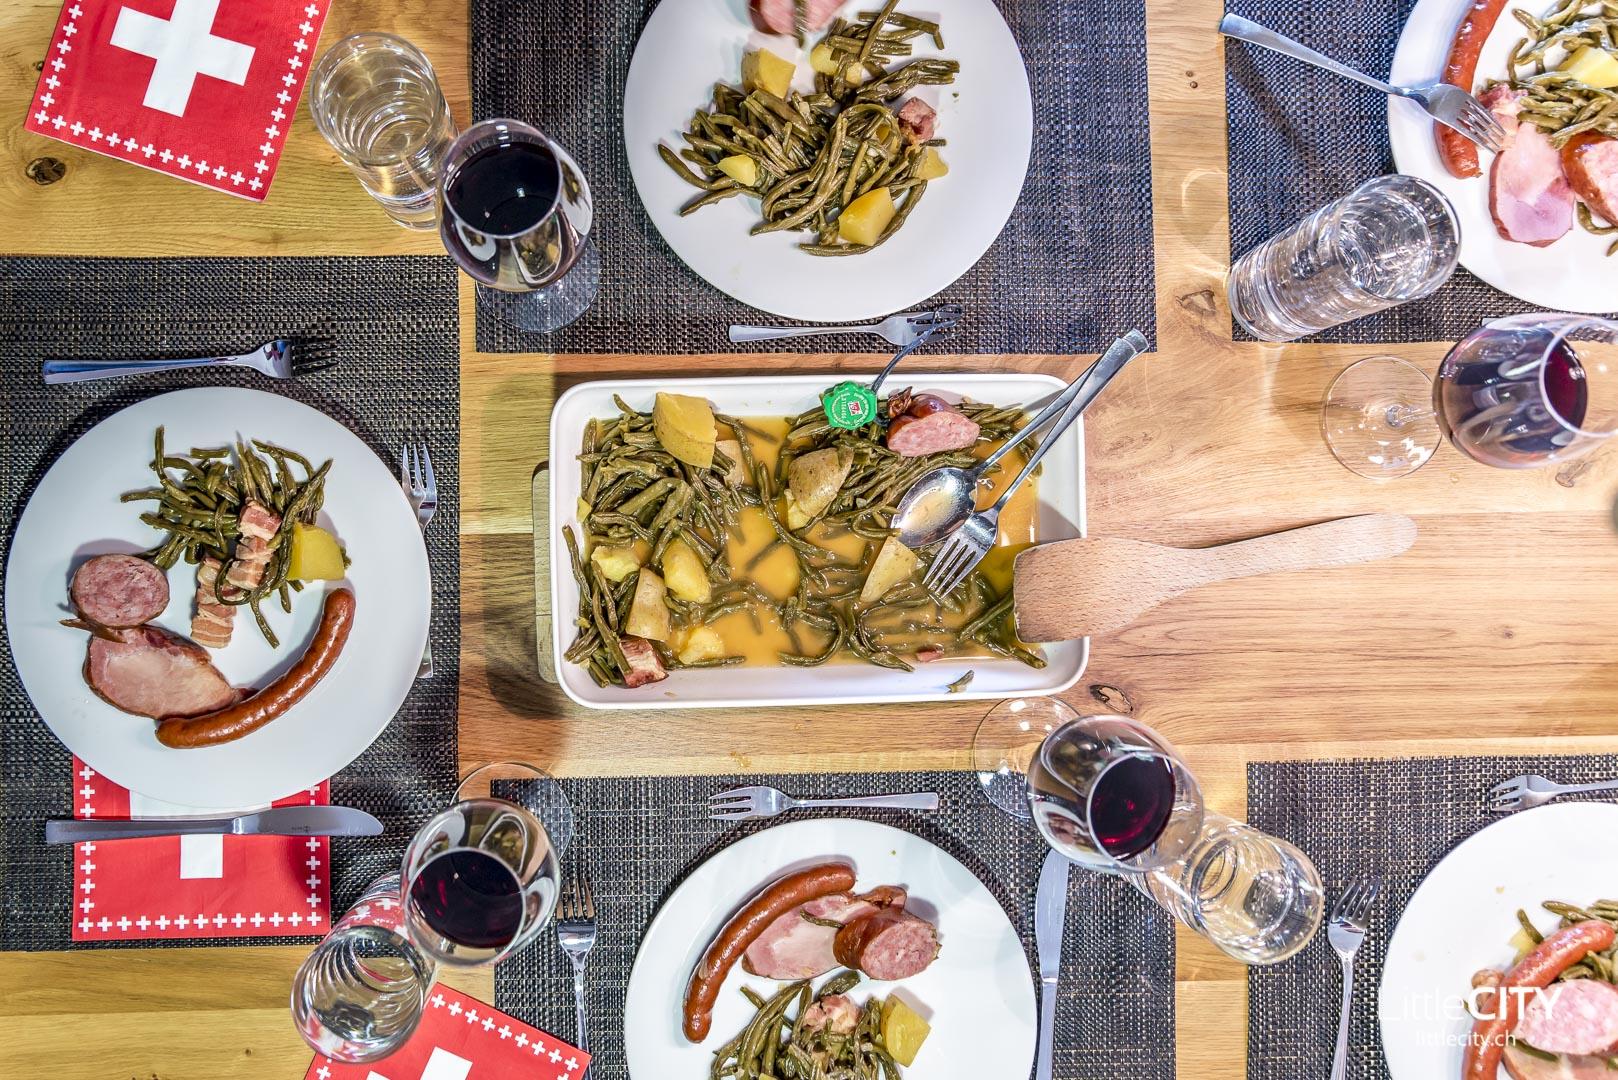 Saucisson typische Schweizer Gerichte